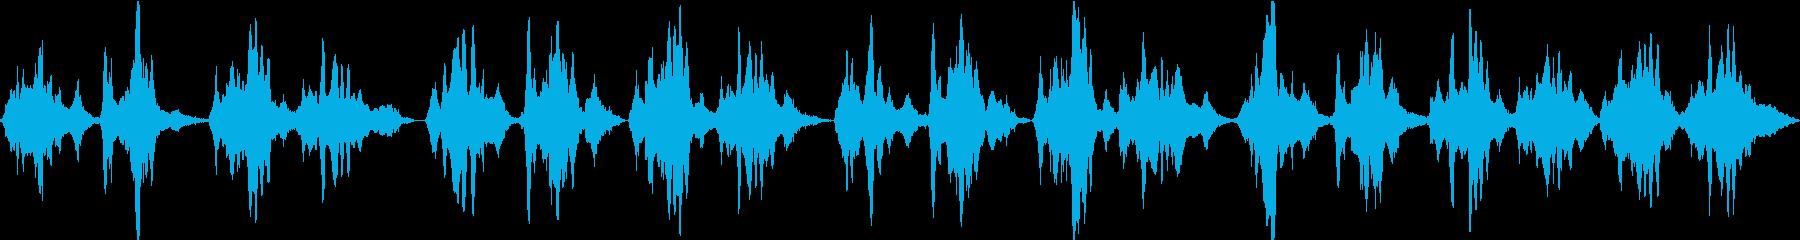 吟遊詩人の幻想的な響き「スカボロフェア」の再生済みの波形